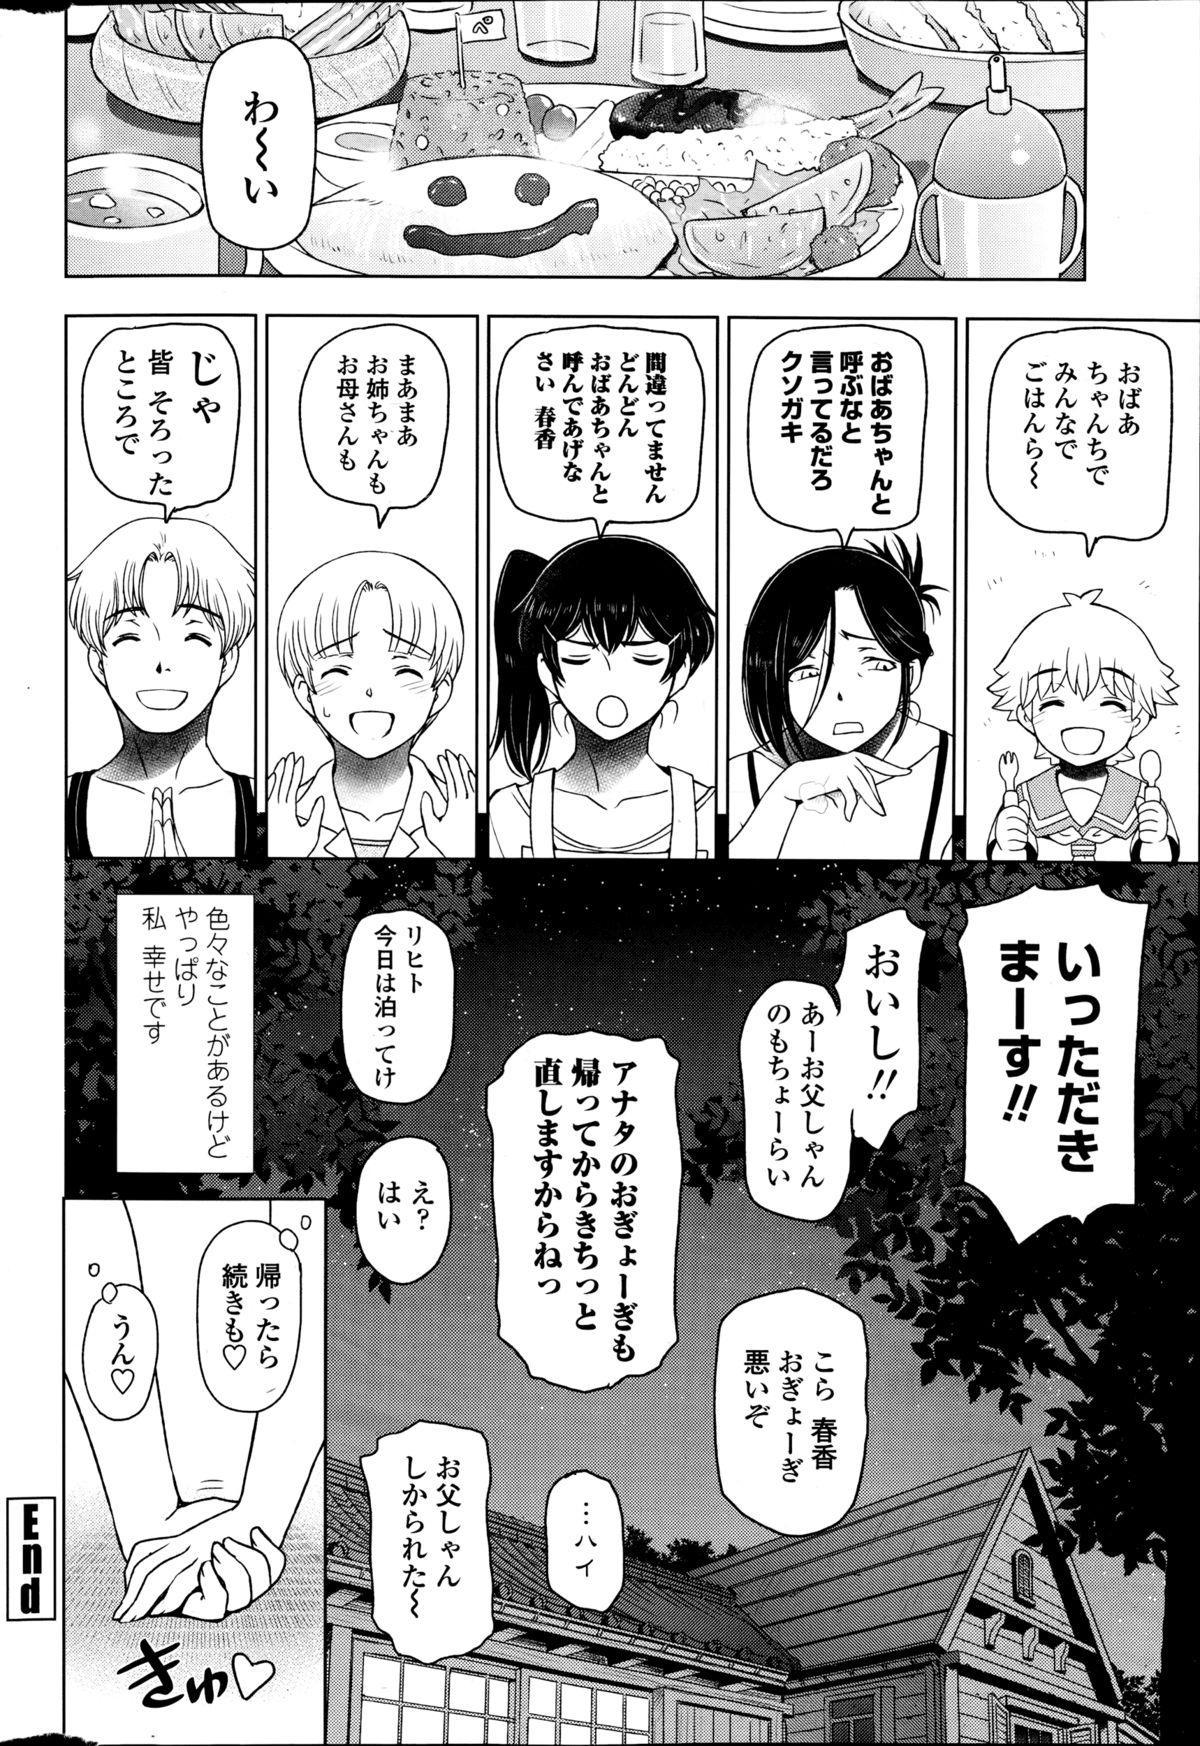 Natsu jiru + extra 141